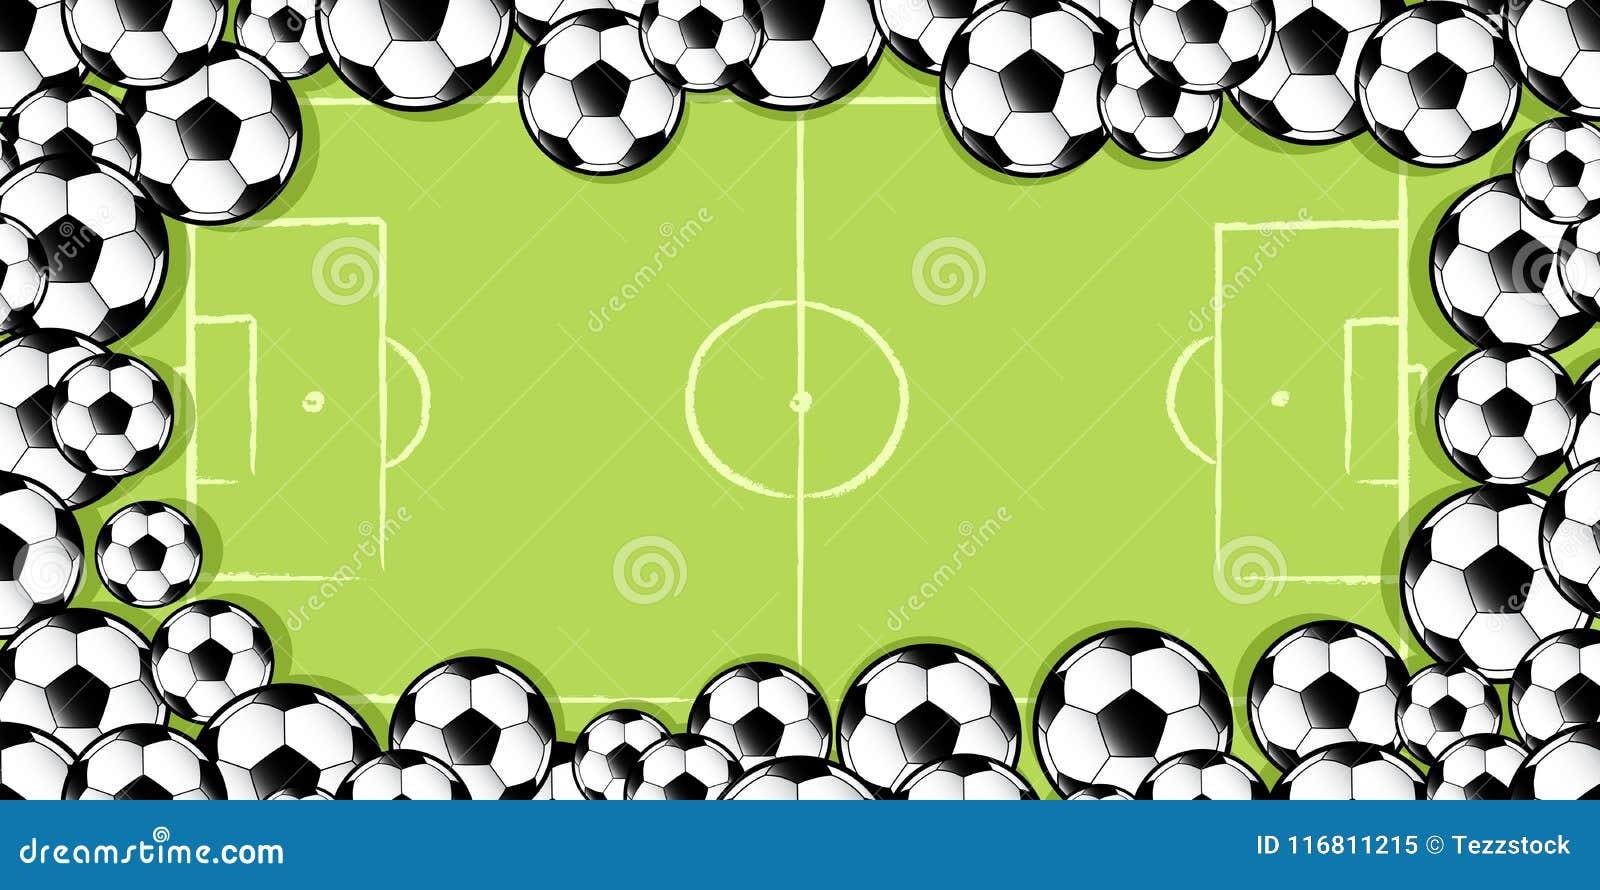 Pagina dei palloni da calcio sul passo di calcio